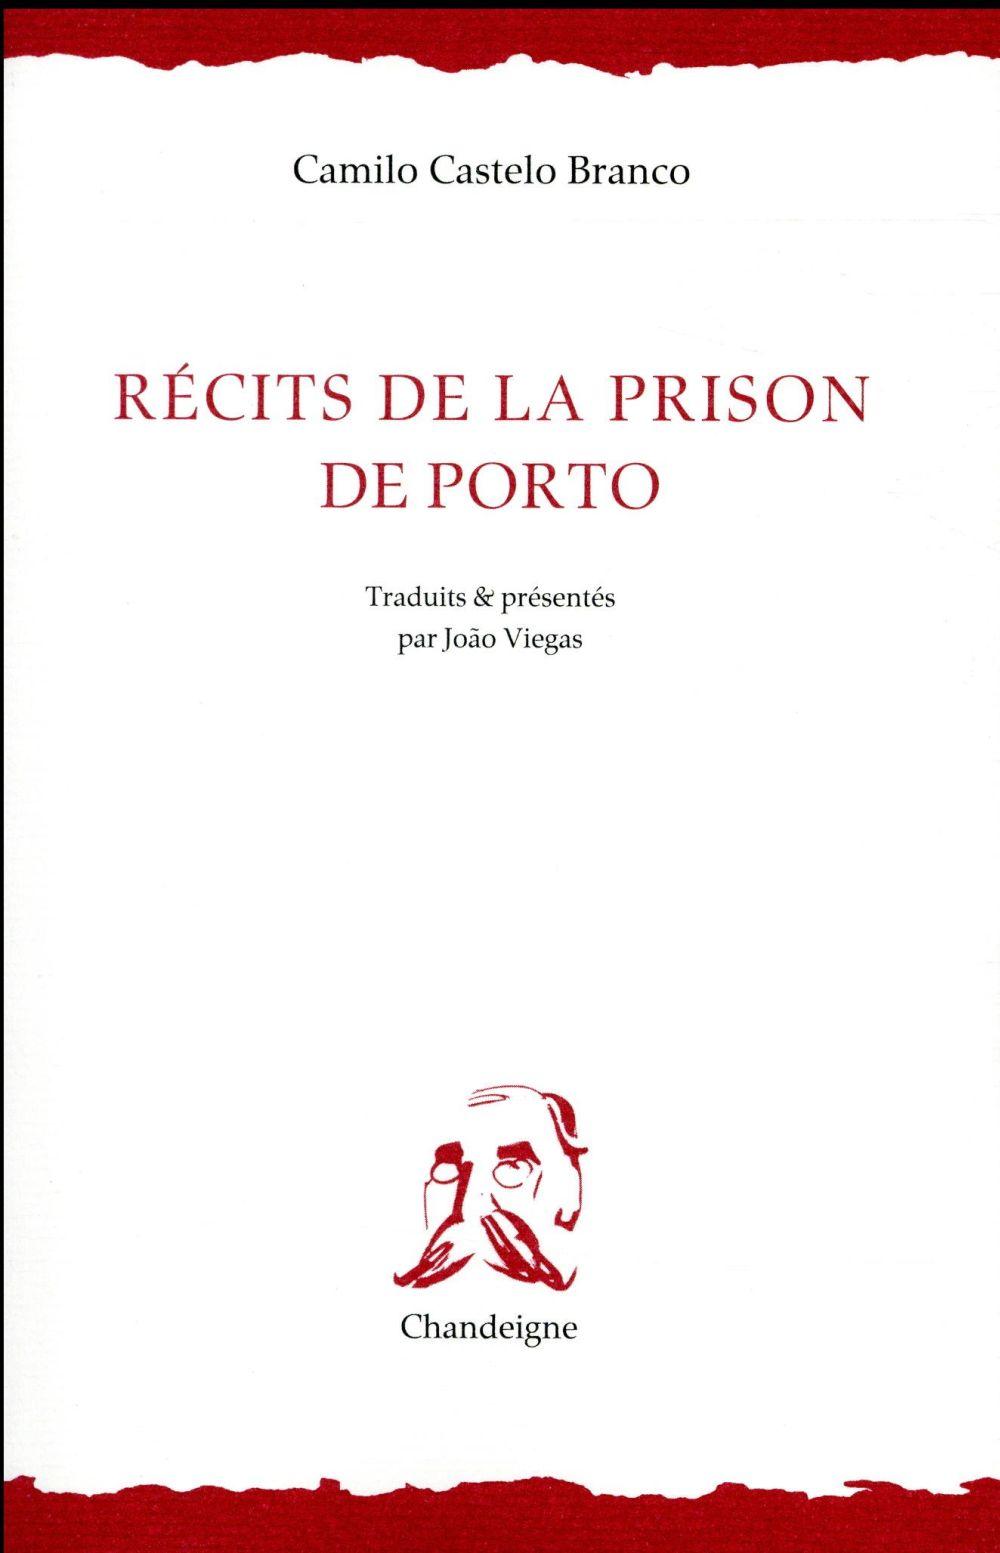 RECITS DE LA PRISON DE PORTO